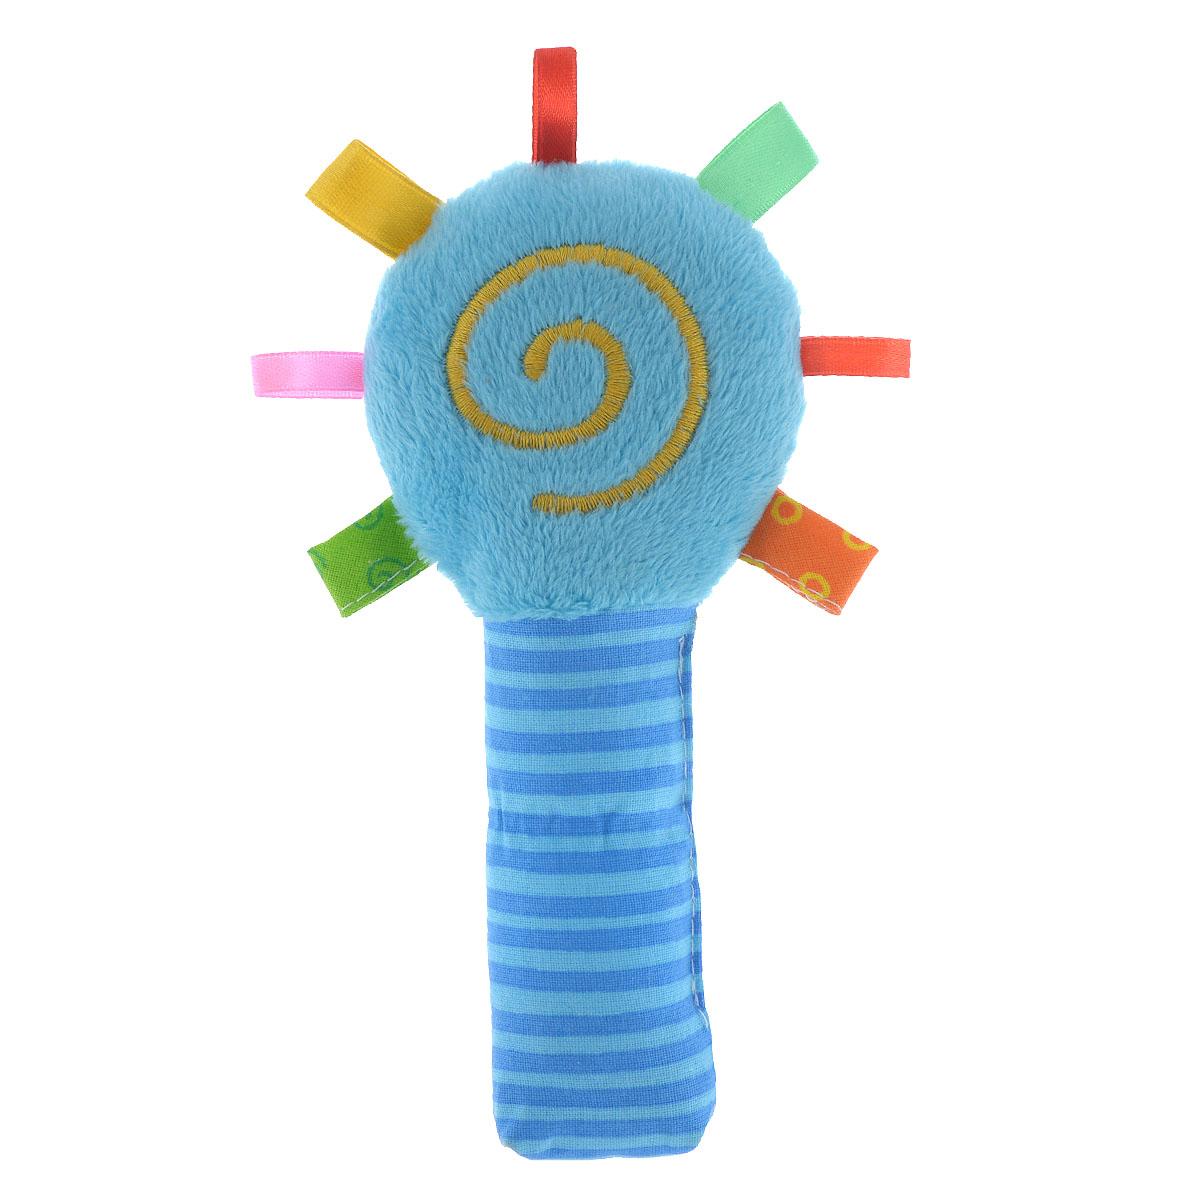 Мягкая погремушка Мякиши Маракас, цвет: голубой279Погремушка Мякиши Маракас выполнена из мягкого текстильного материала разных цветов и фактур в виде маракаса, оформленного вышитой спиралькой. Внутри круглой части, украшенной текстильными петельками, находится погремушка; в ручке спрятан шуршащий элемент. Форма погремушки удобна для маленьких ручек ребенка. Он сможет ее держать, трясти и перекладывать из одной ручки в другую. Яркая погремушка Мякиши Маракас поможет малышу в развитии цветового и звукового восприятия, концентрации внимания, мелкой моторики рук, координации движений и тактильных ощущений. УВАЖАЕМЫЕ КЛИЕНТЫ! Обращаем ваше внимание на возможные изменения в дизайне, связанные с цветовым ассортиментом продукции. Поставка осуществляется в зависимости от наличия на складе.